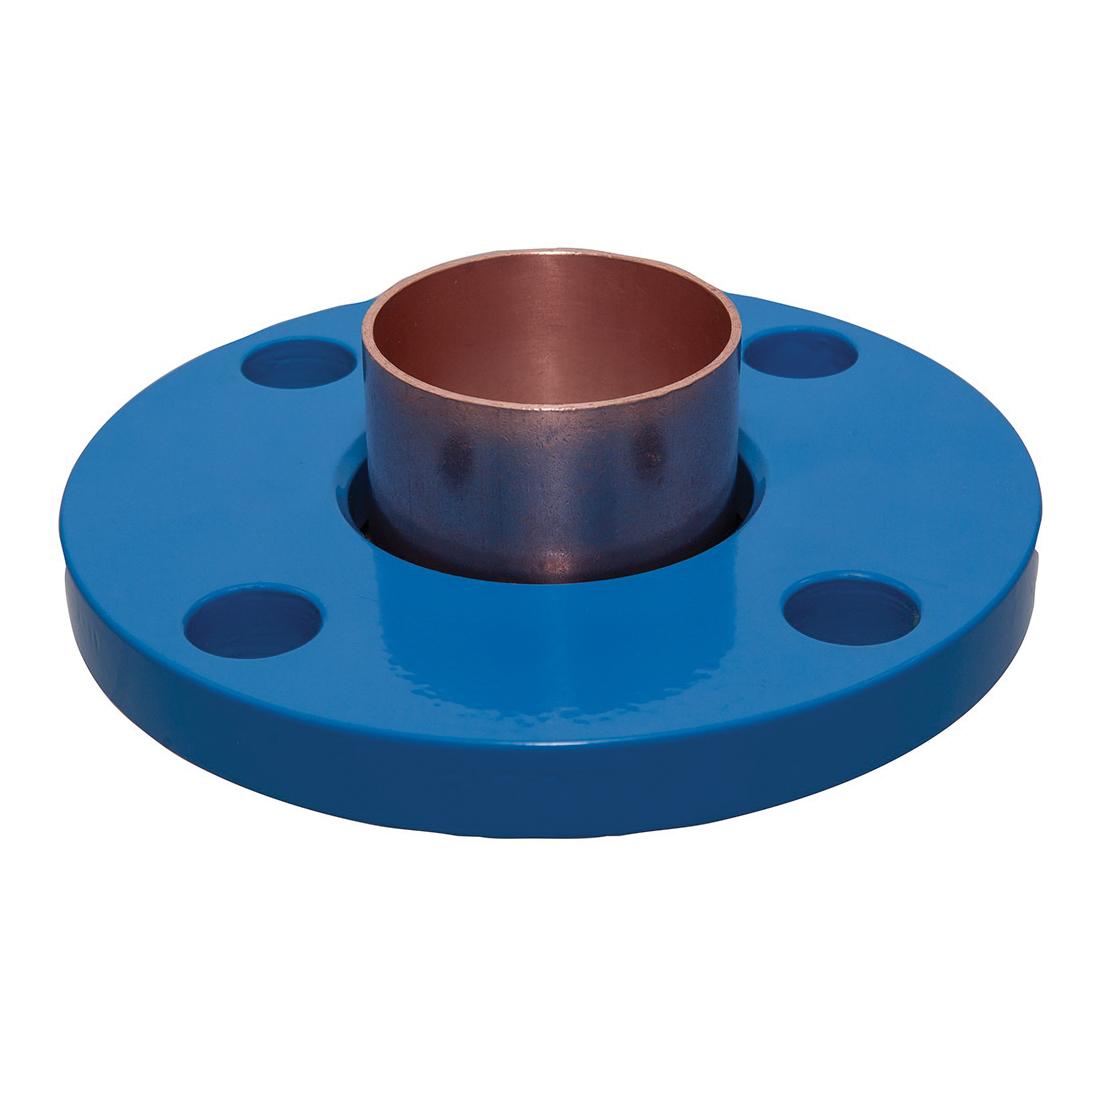 NIBCO® 9405400 672 2-Piece Companion Flange, 1-1/4 in, Wrot Copper, 150 lb, Domestic